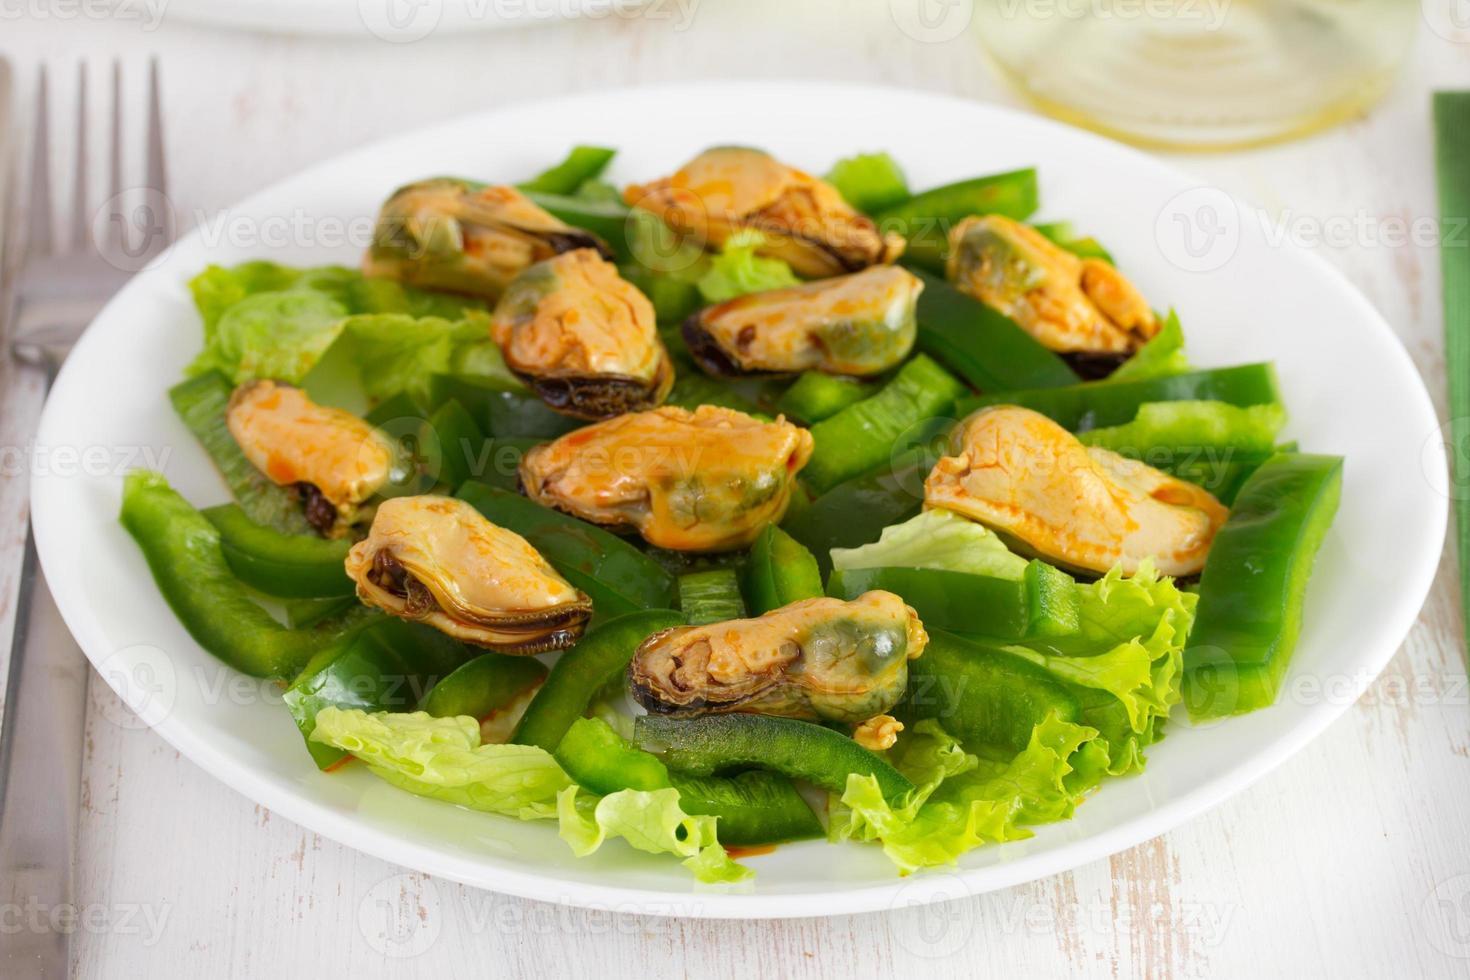 insalata con frutti di mare sul piatto foto